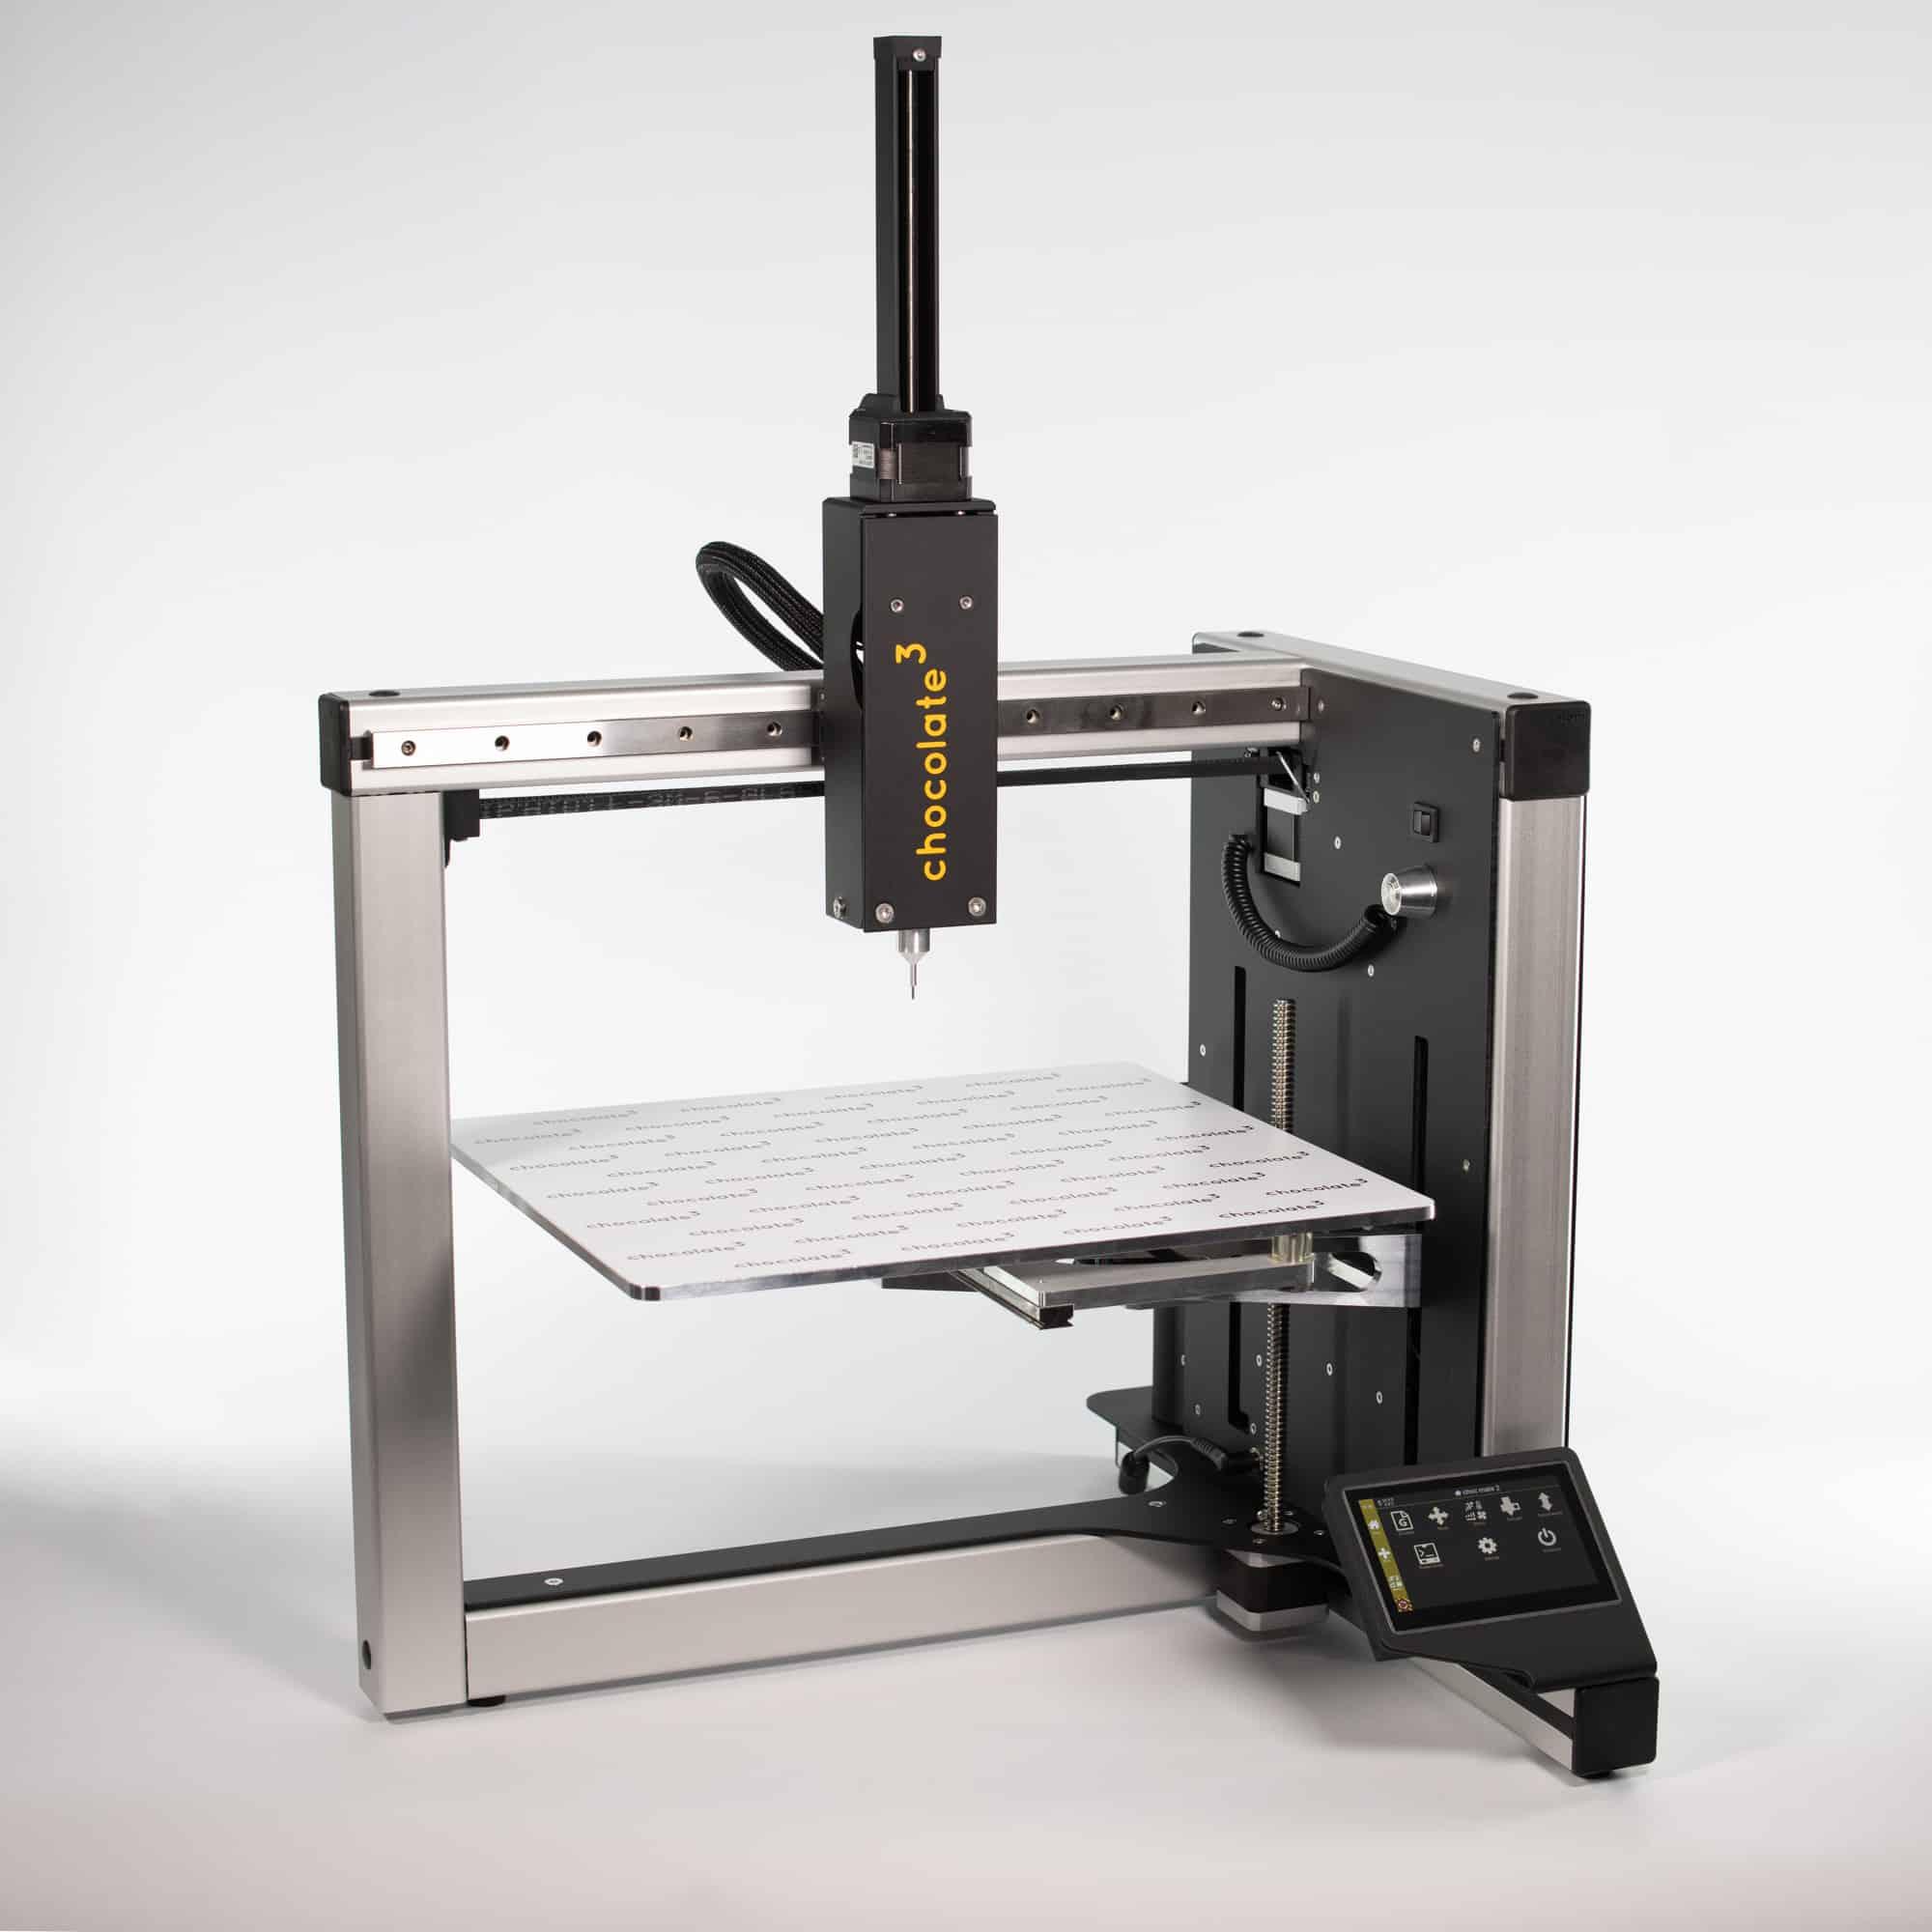 CR-3D | Entwicklung eines Schokoladen 3D-Druckers zusammen mit chocolate³ aus München